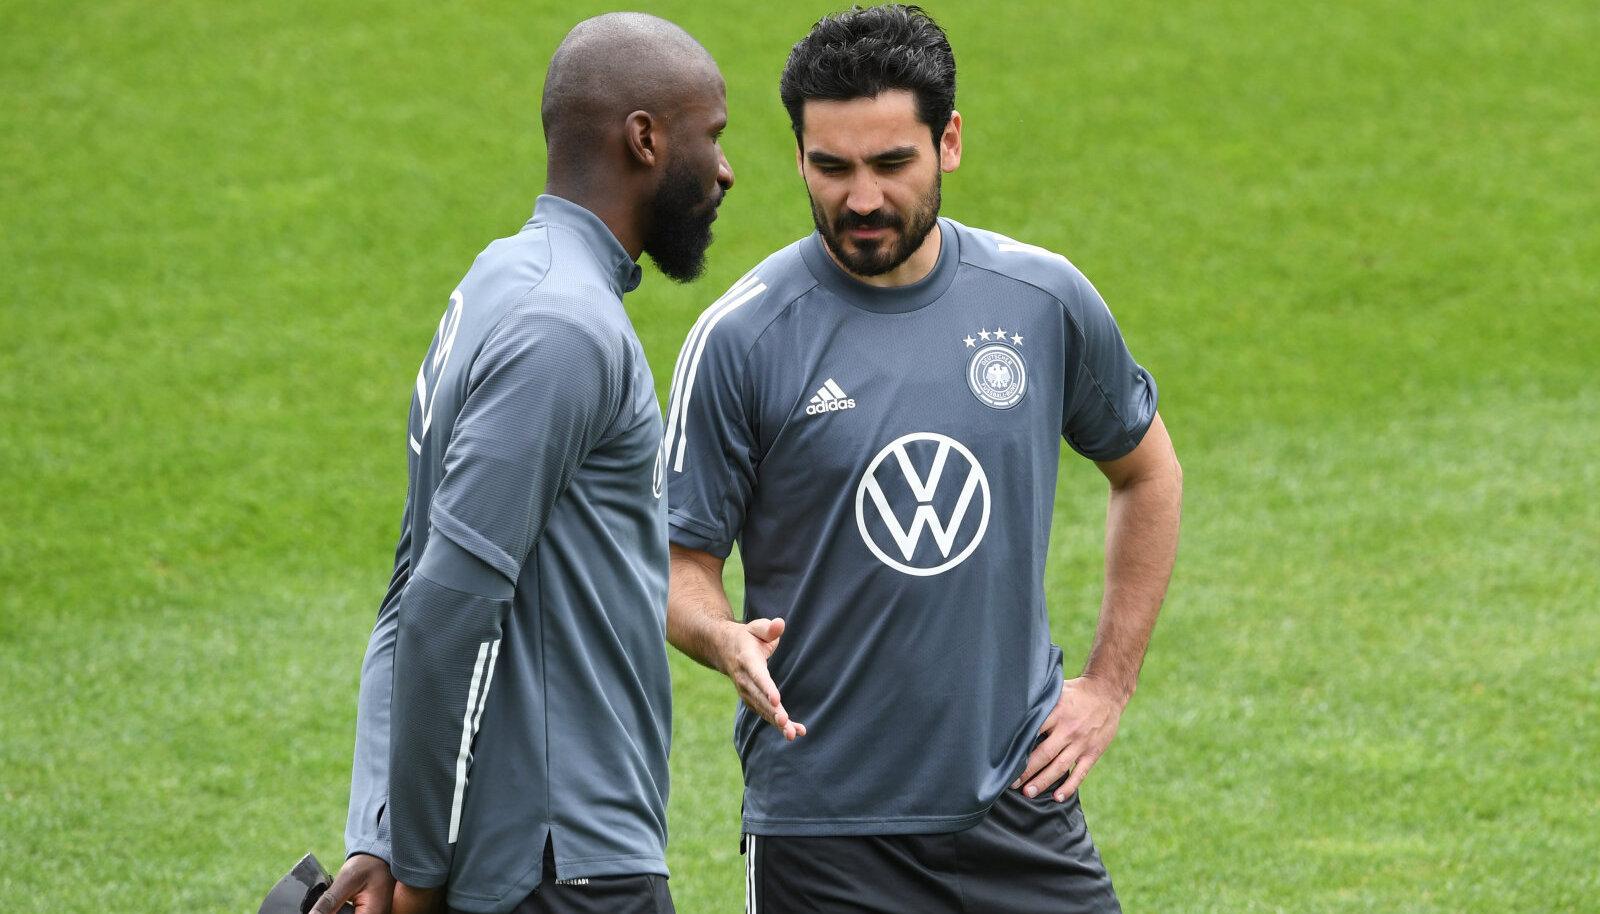 Antonio Rüdiger ja Ilkay Gündogan